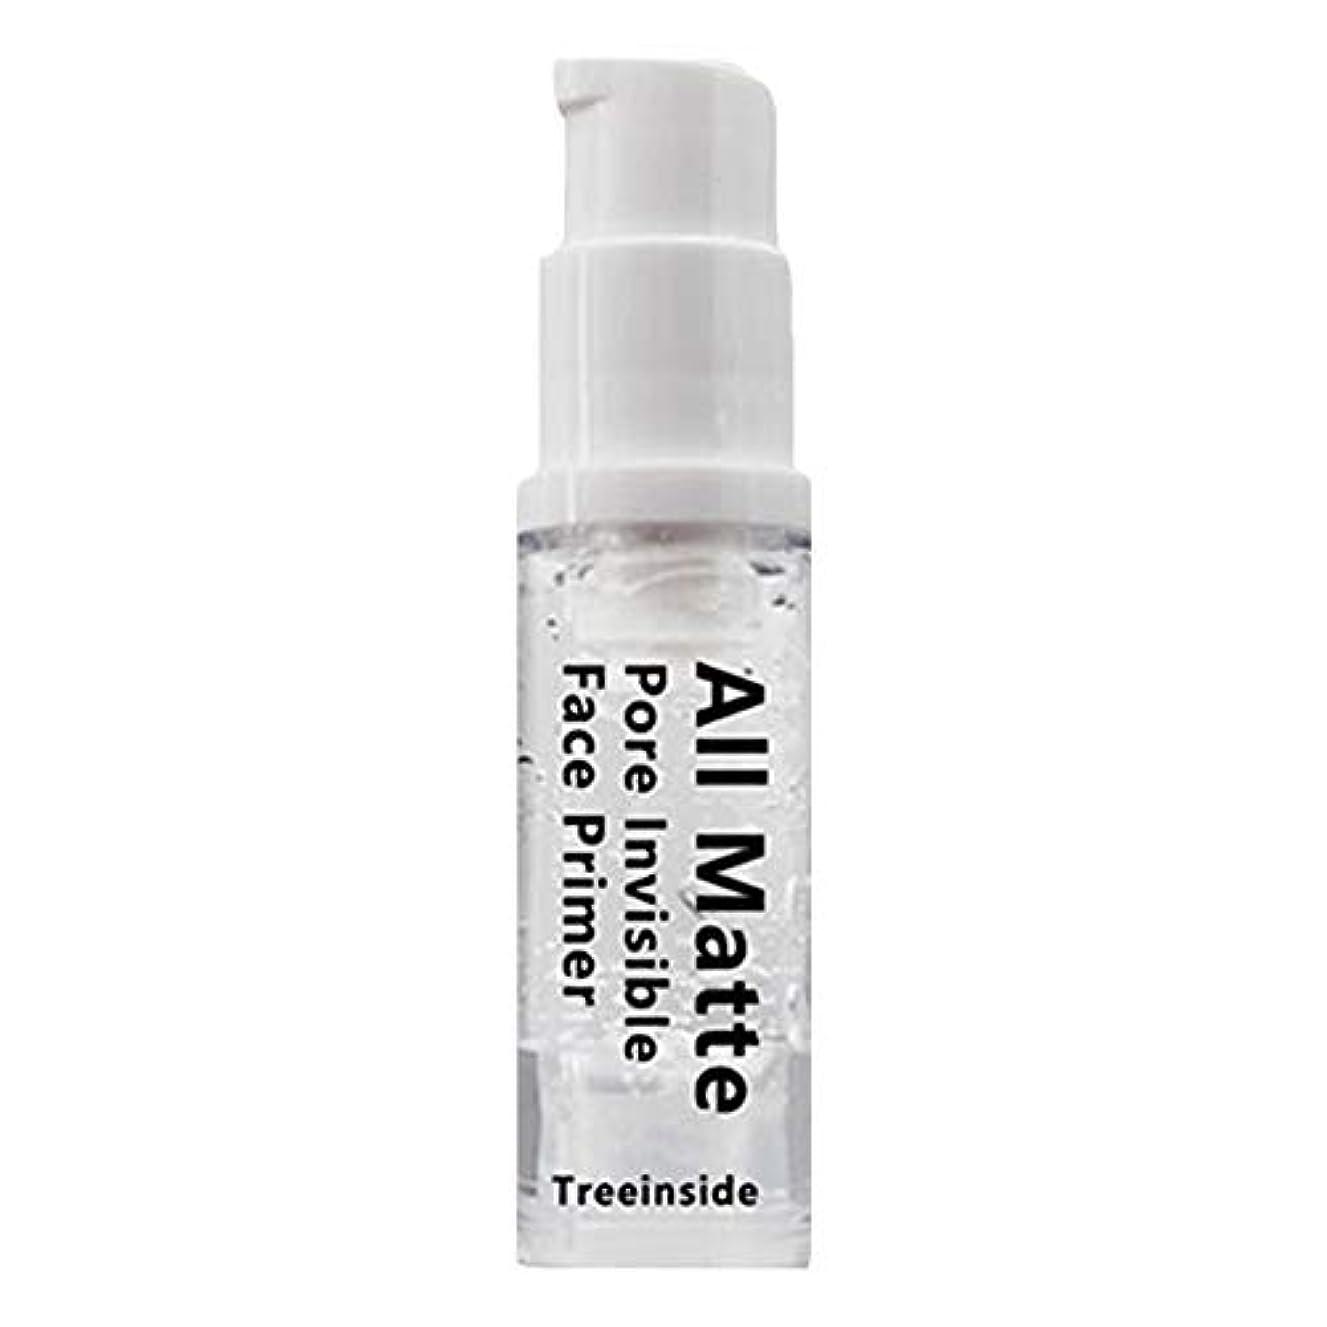 ロイヤリティポーンゲートFGULメイクアップベースファンデーションクリームファッション10ミリリットル化粧品美容健康